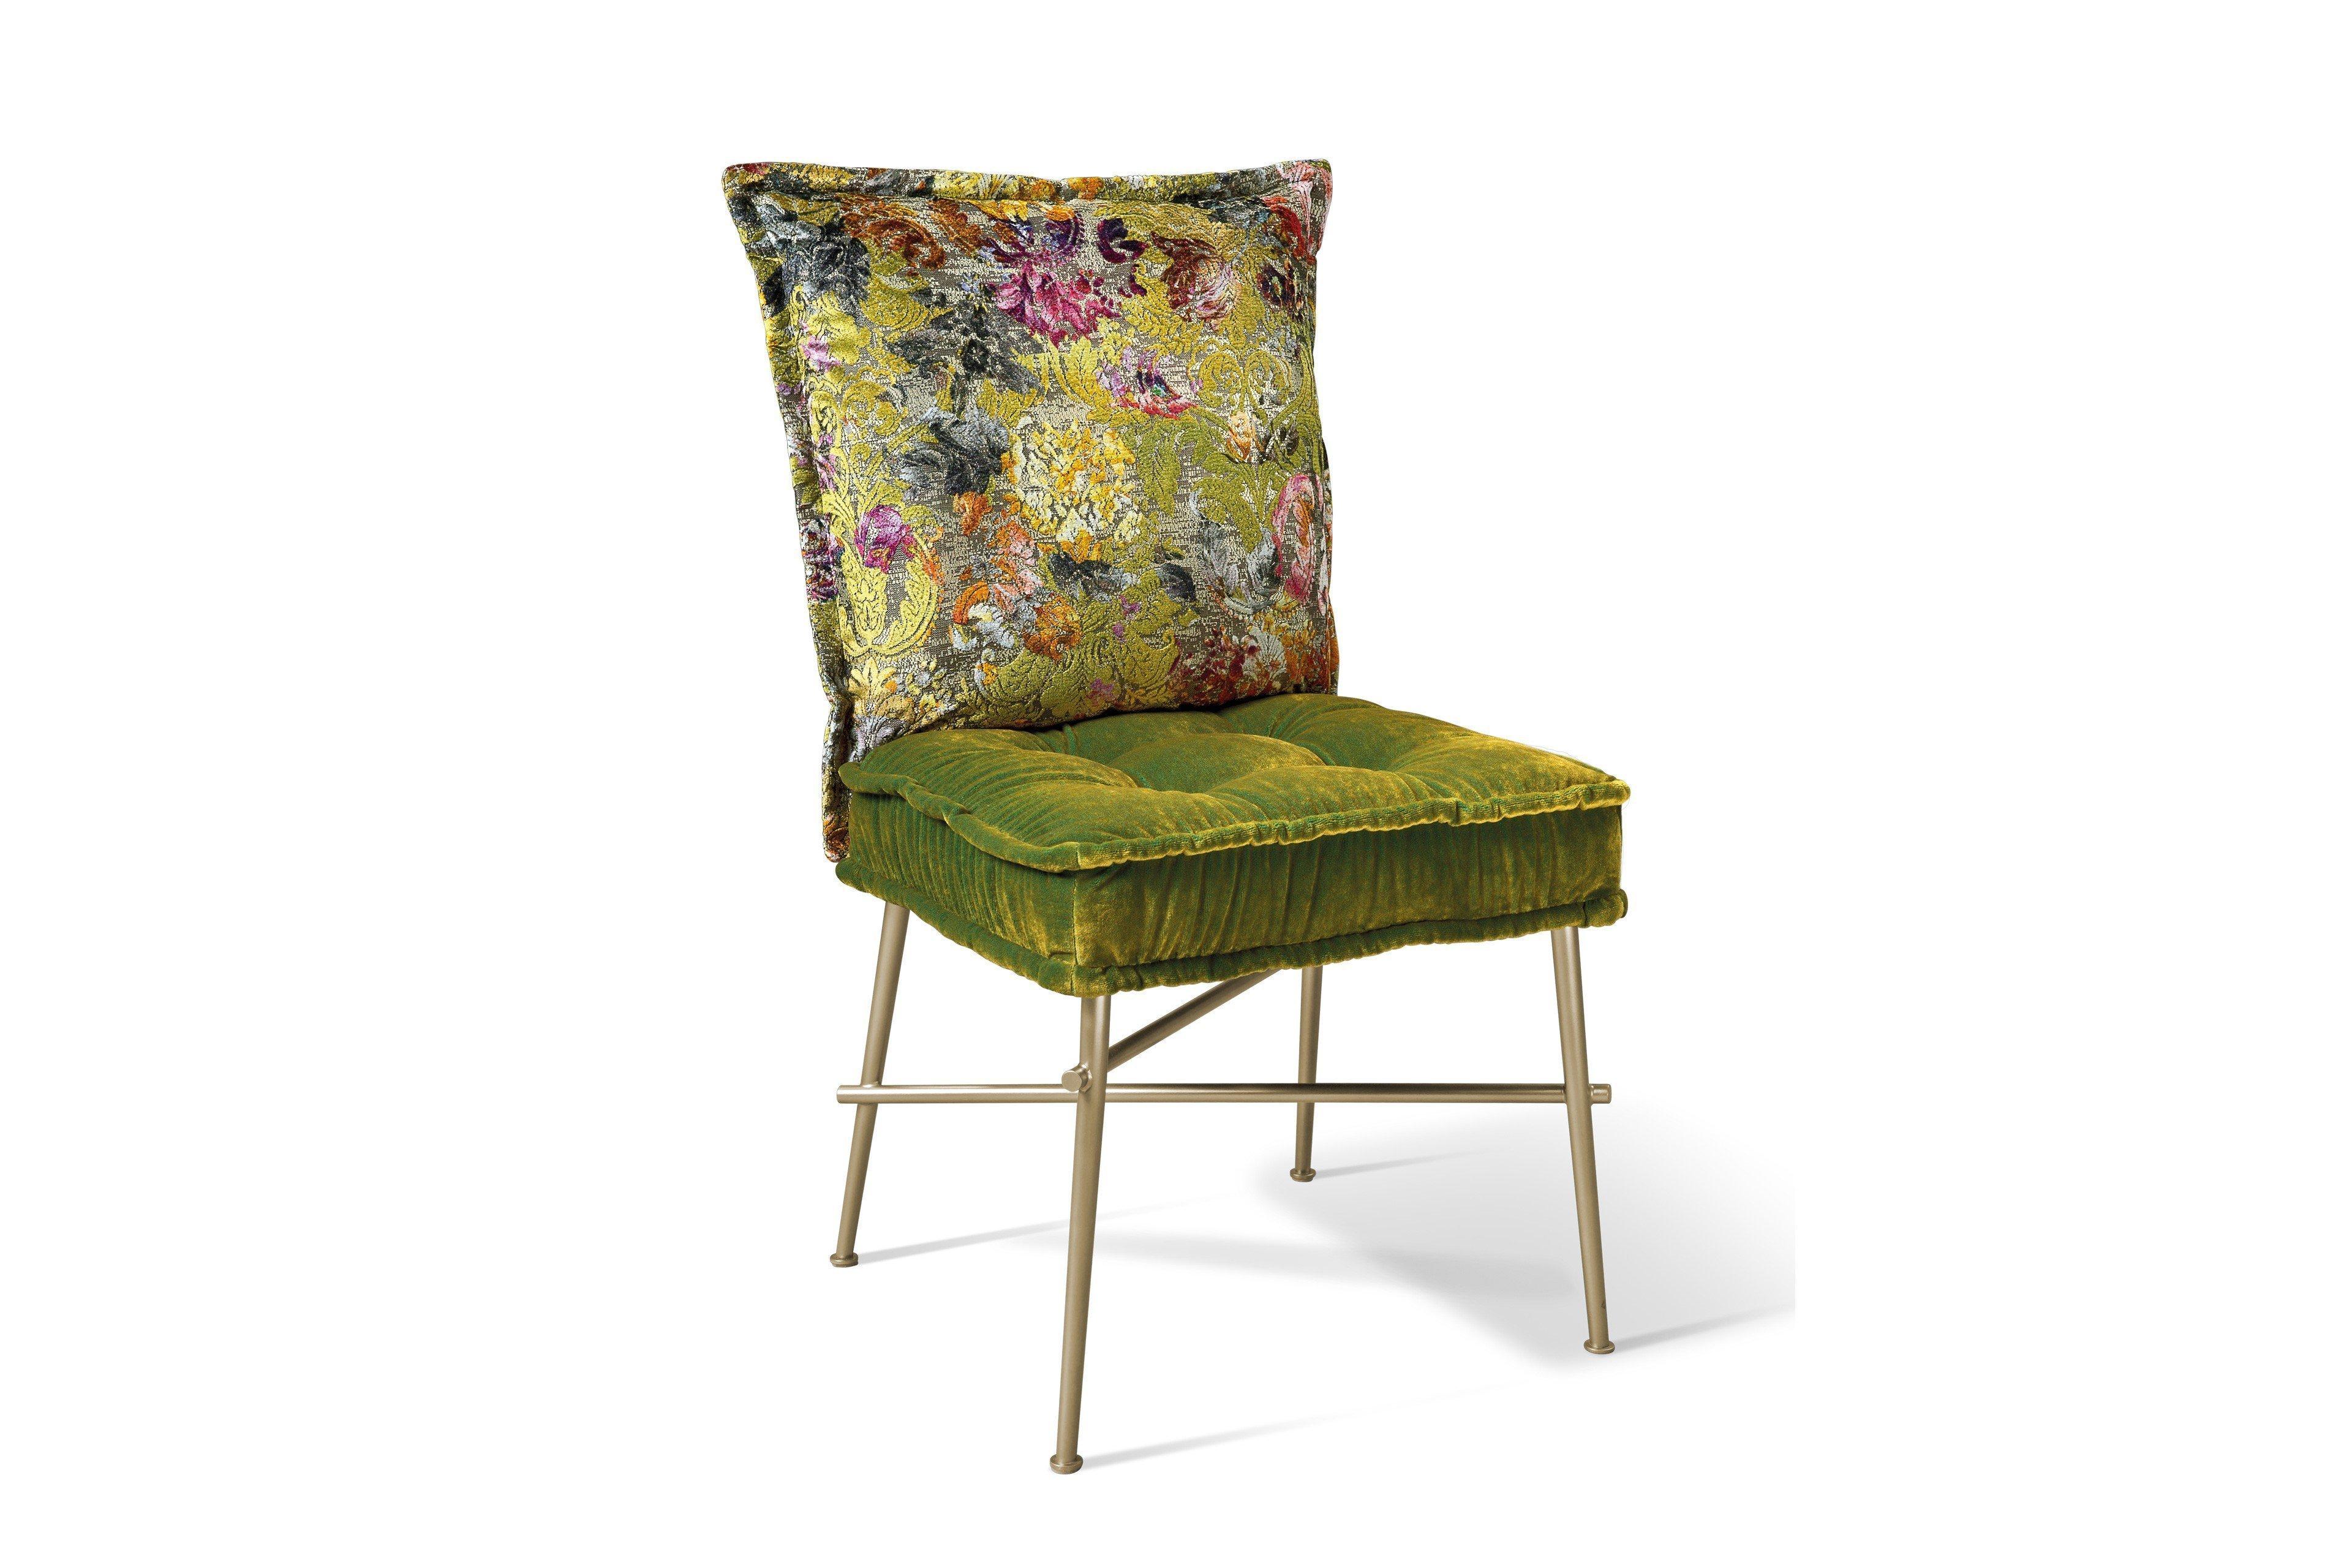 Letz Shop Bretz StühleMöbel Ihr Online 3Lc4ARjq5S